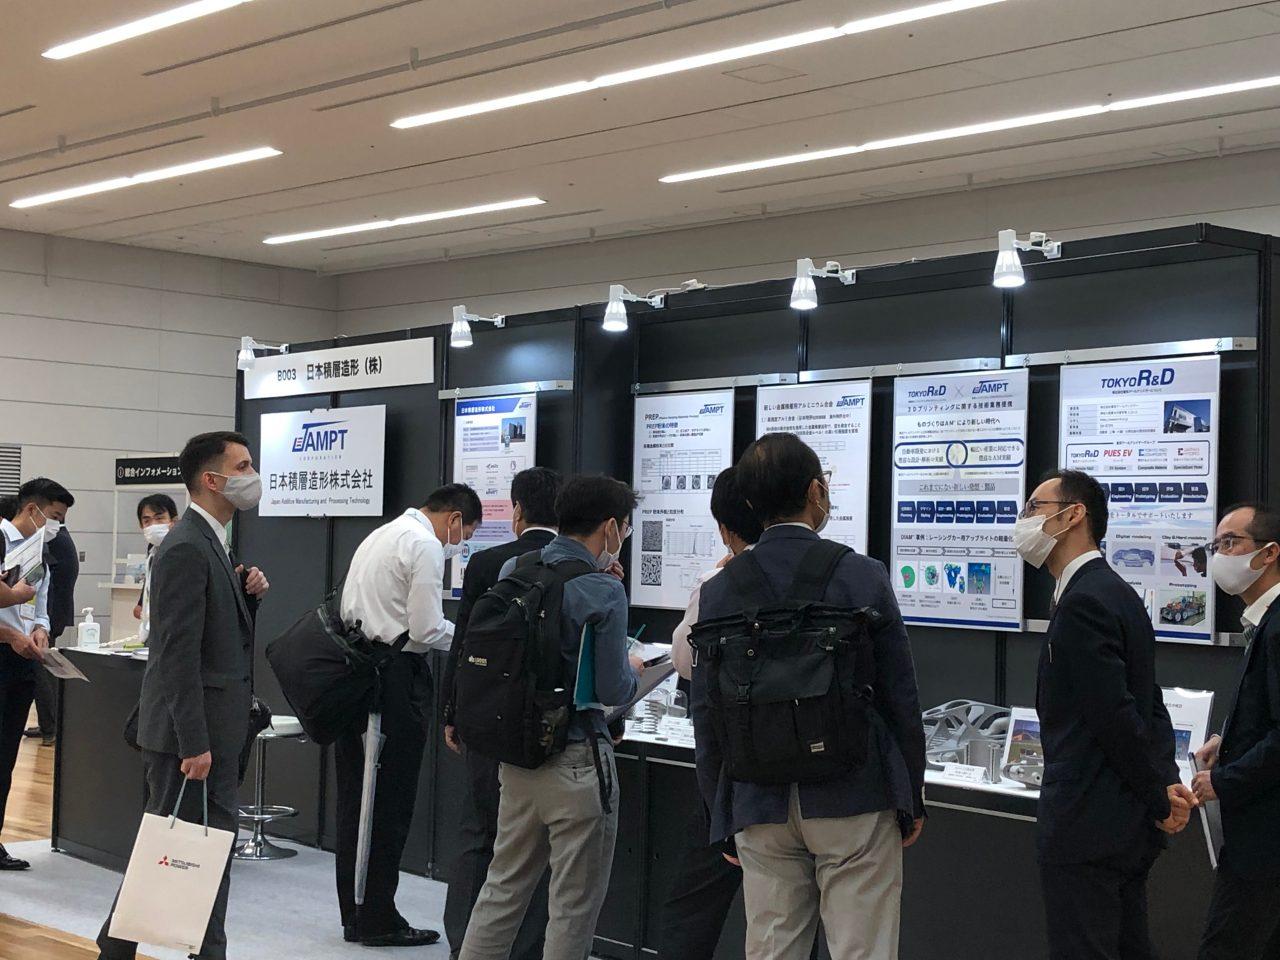 Formnextフォーラム東京が2022年の開催に延期